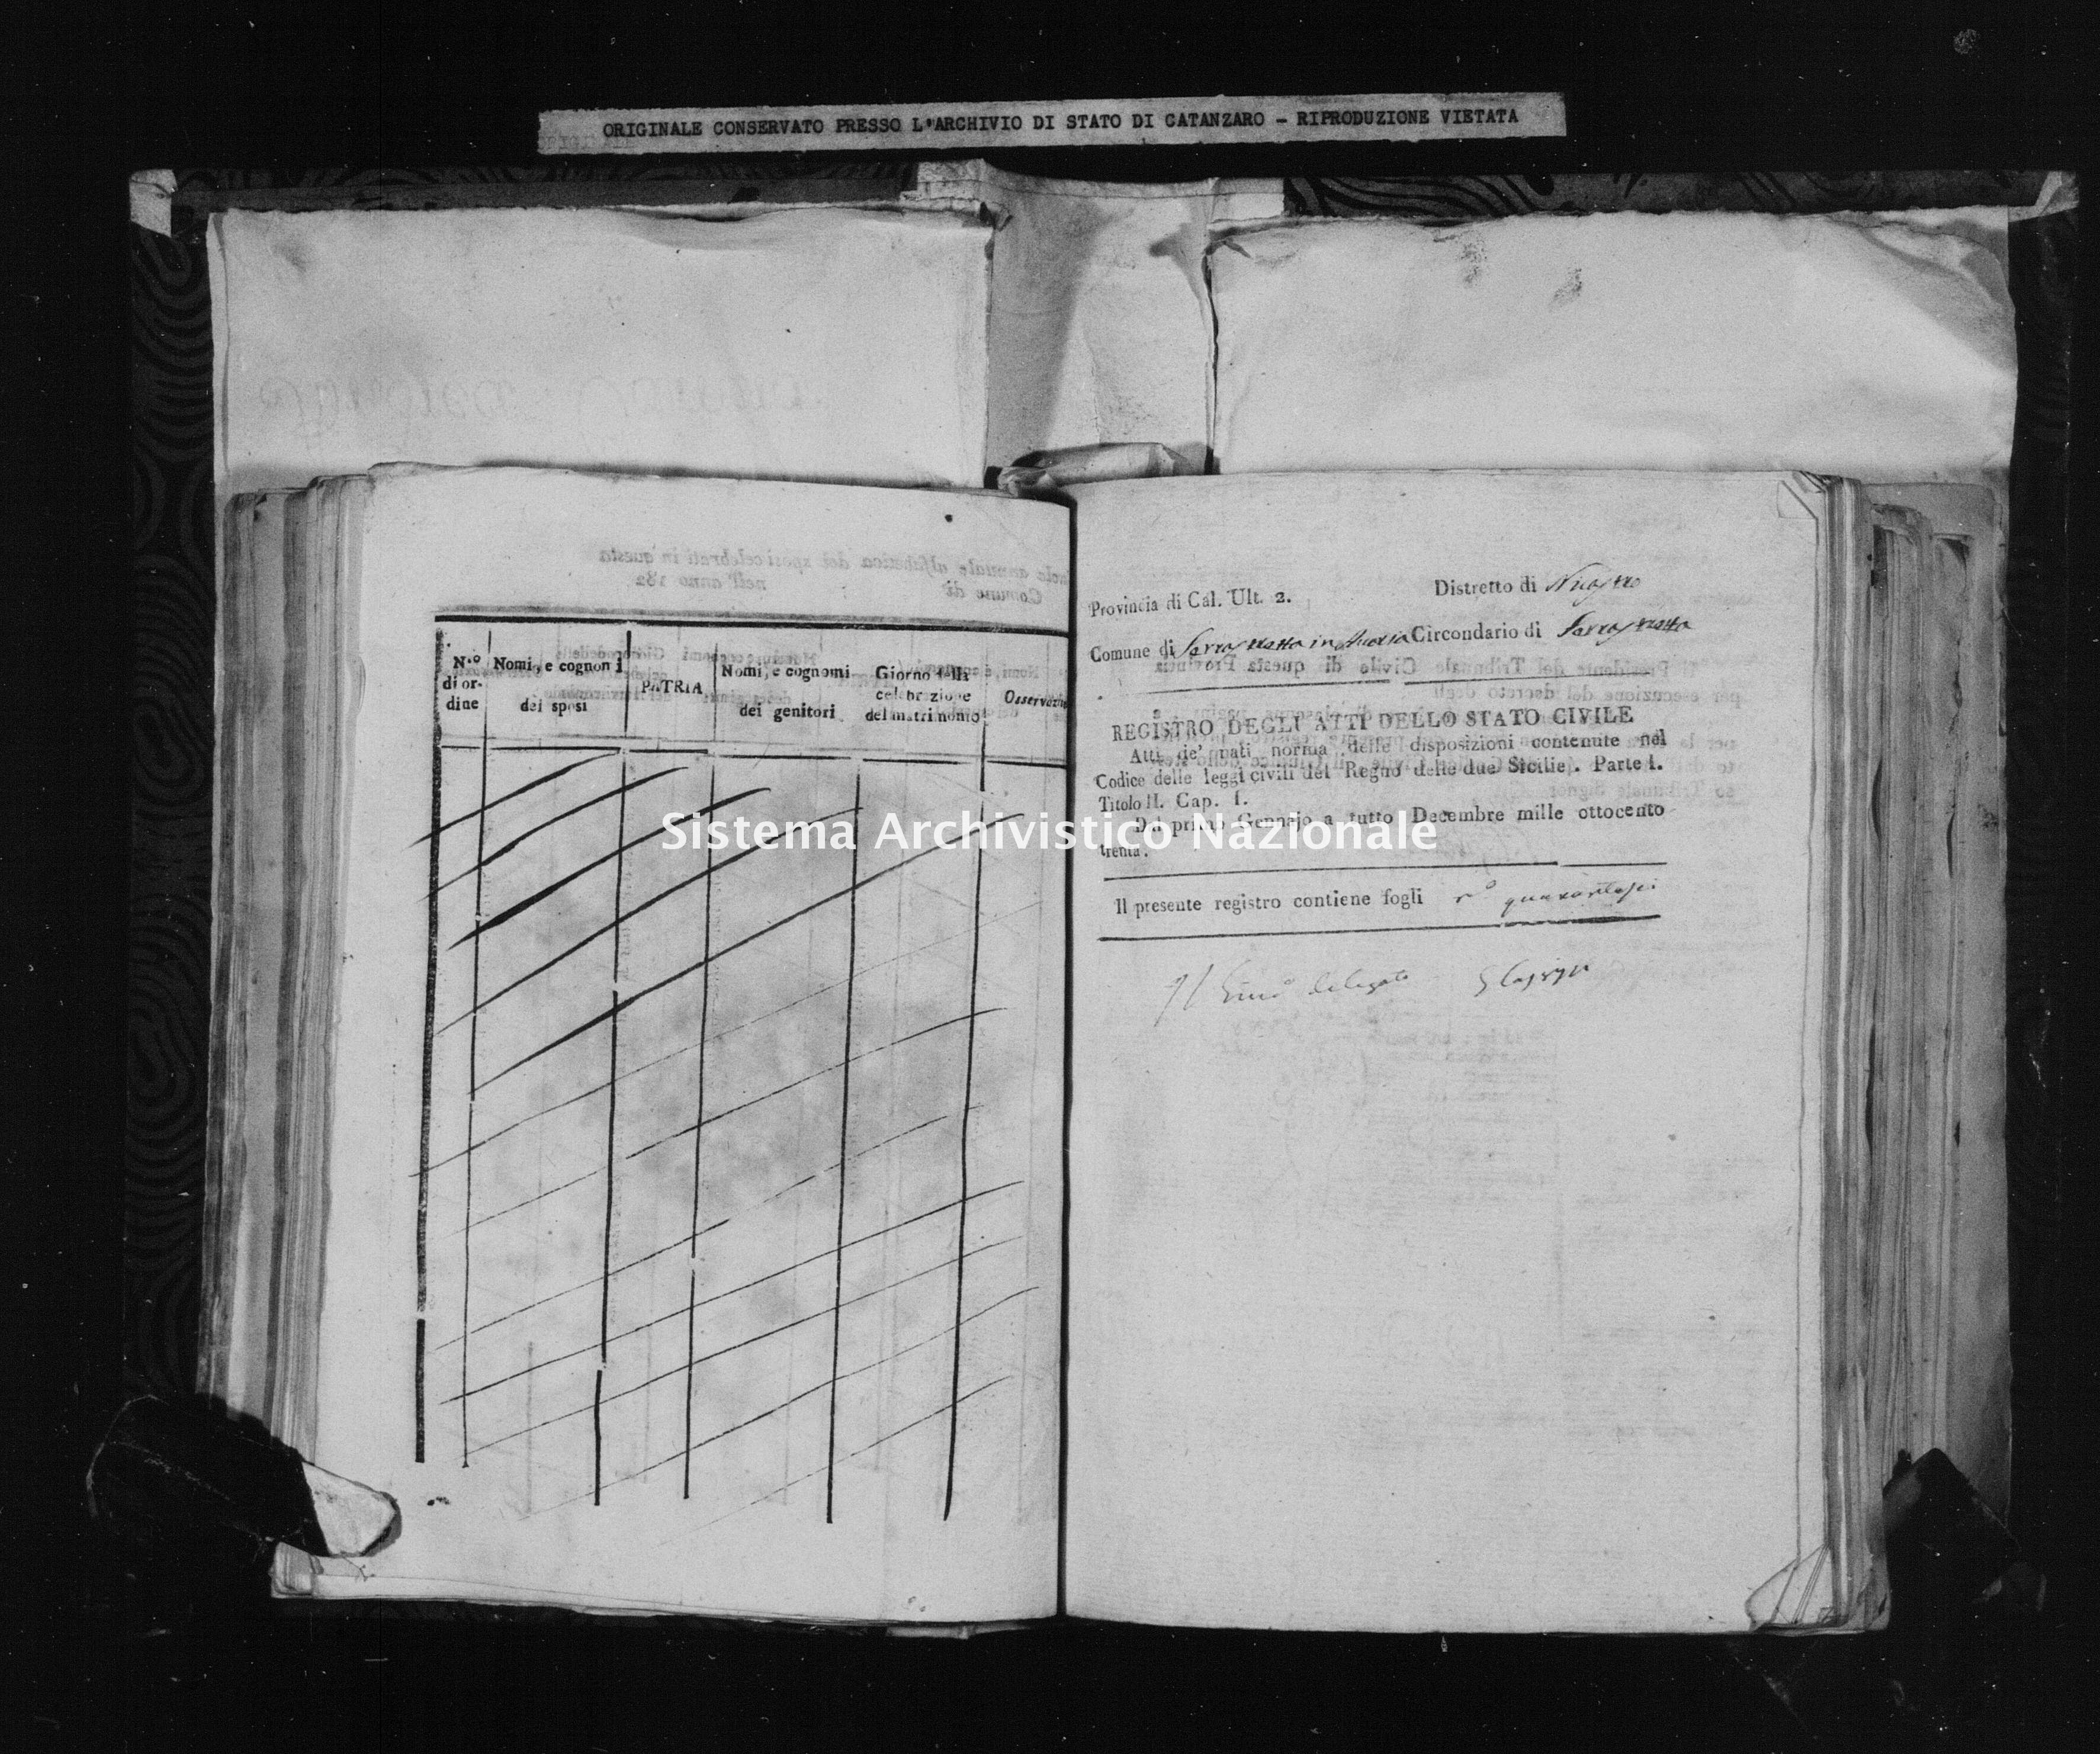 Archivio di stato di Catanzaro - Stato civile della restaurazione - Accaria - Nati - 1830 -